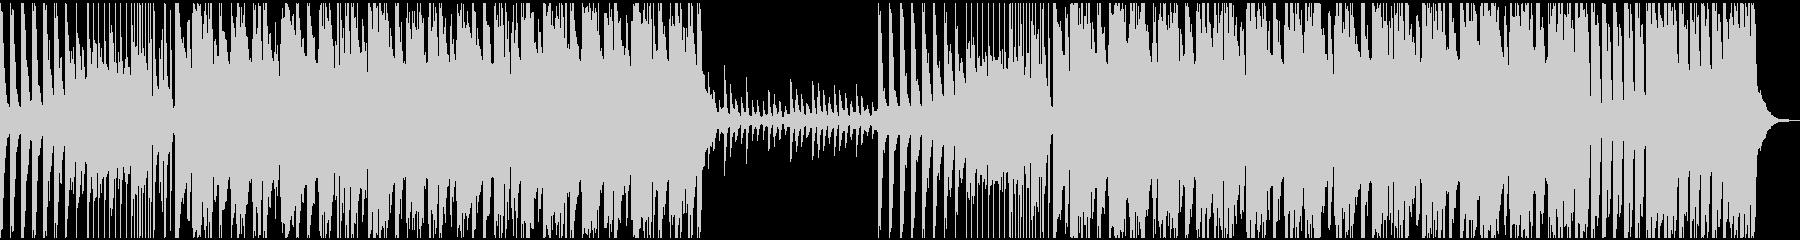 フューチャ ベース アクティブ 明...の未再生の波形